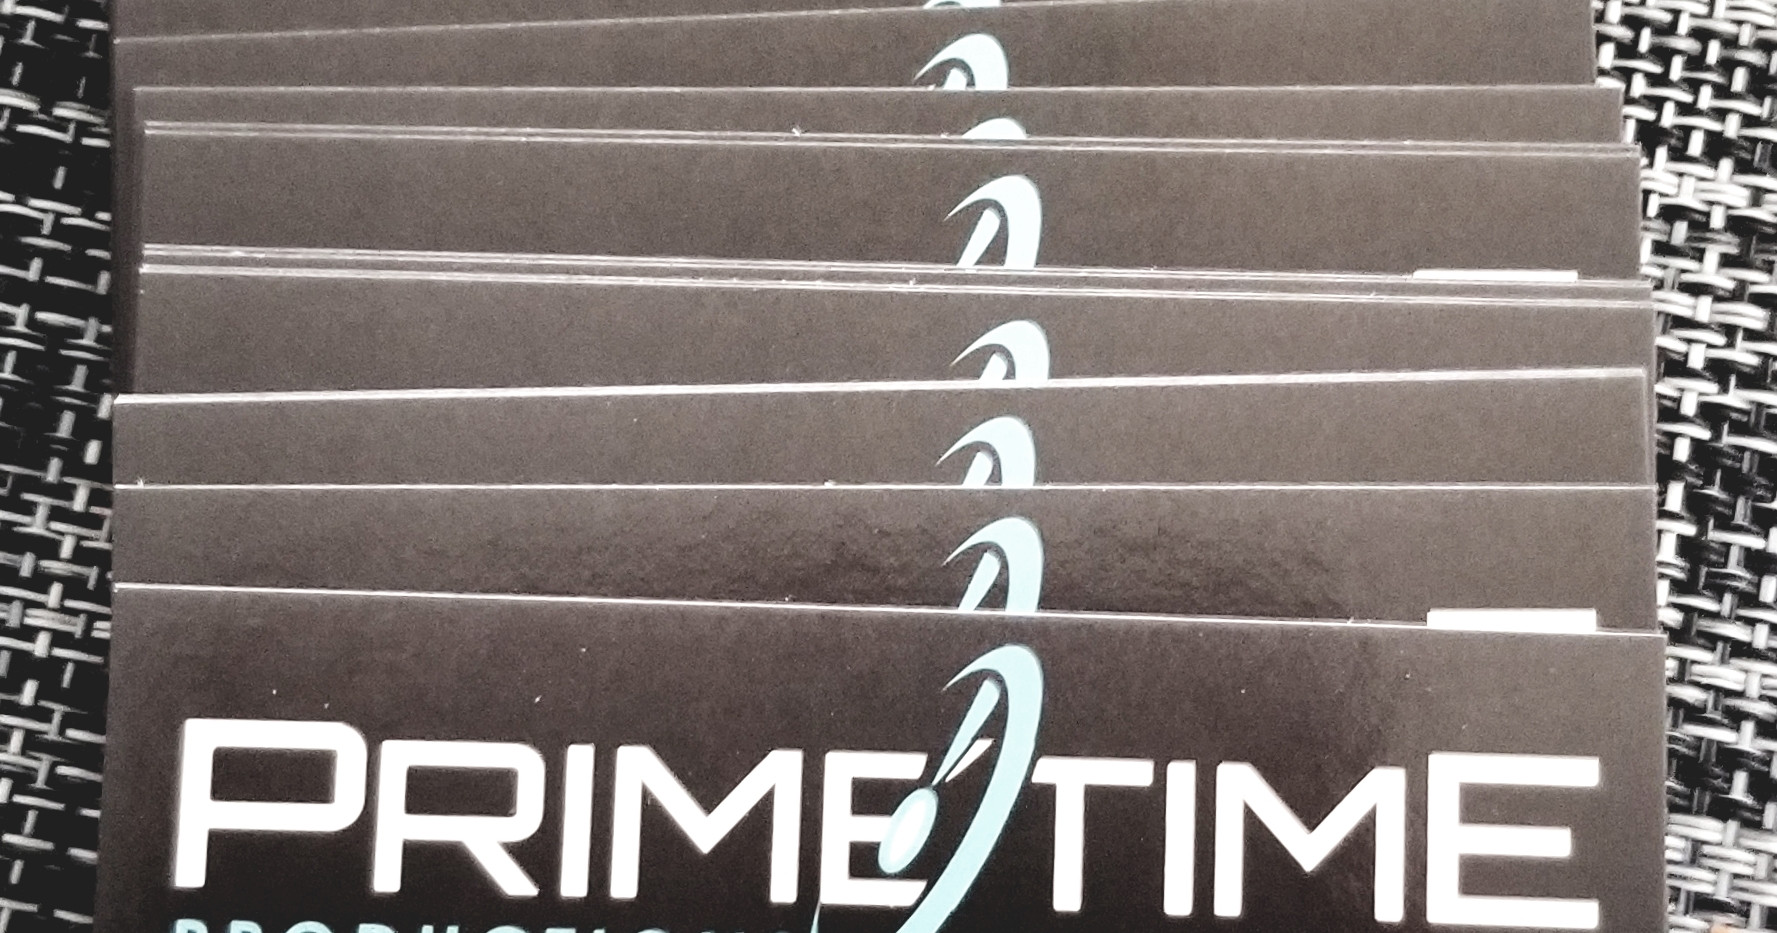 Primetime Cards.jpg